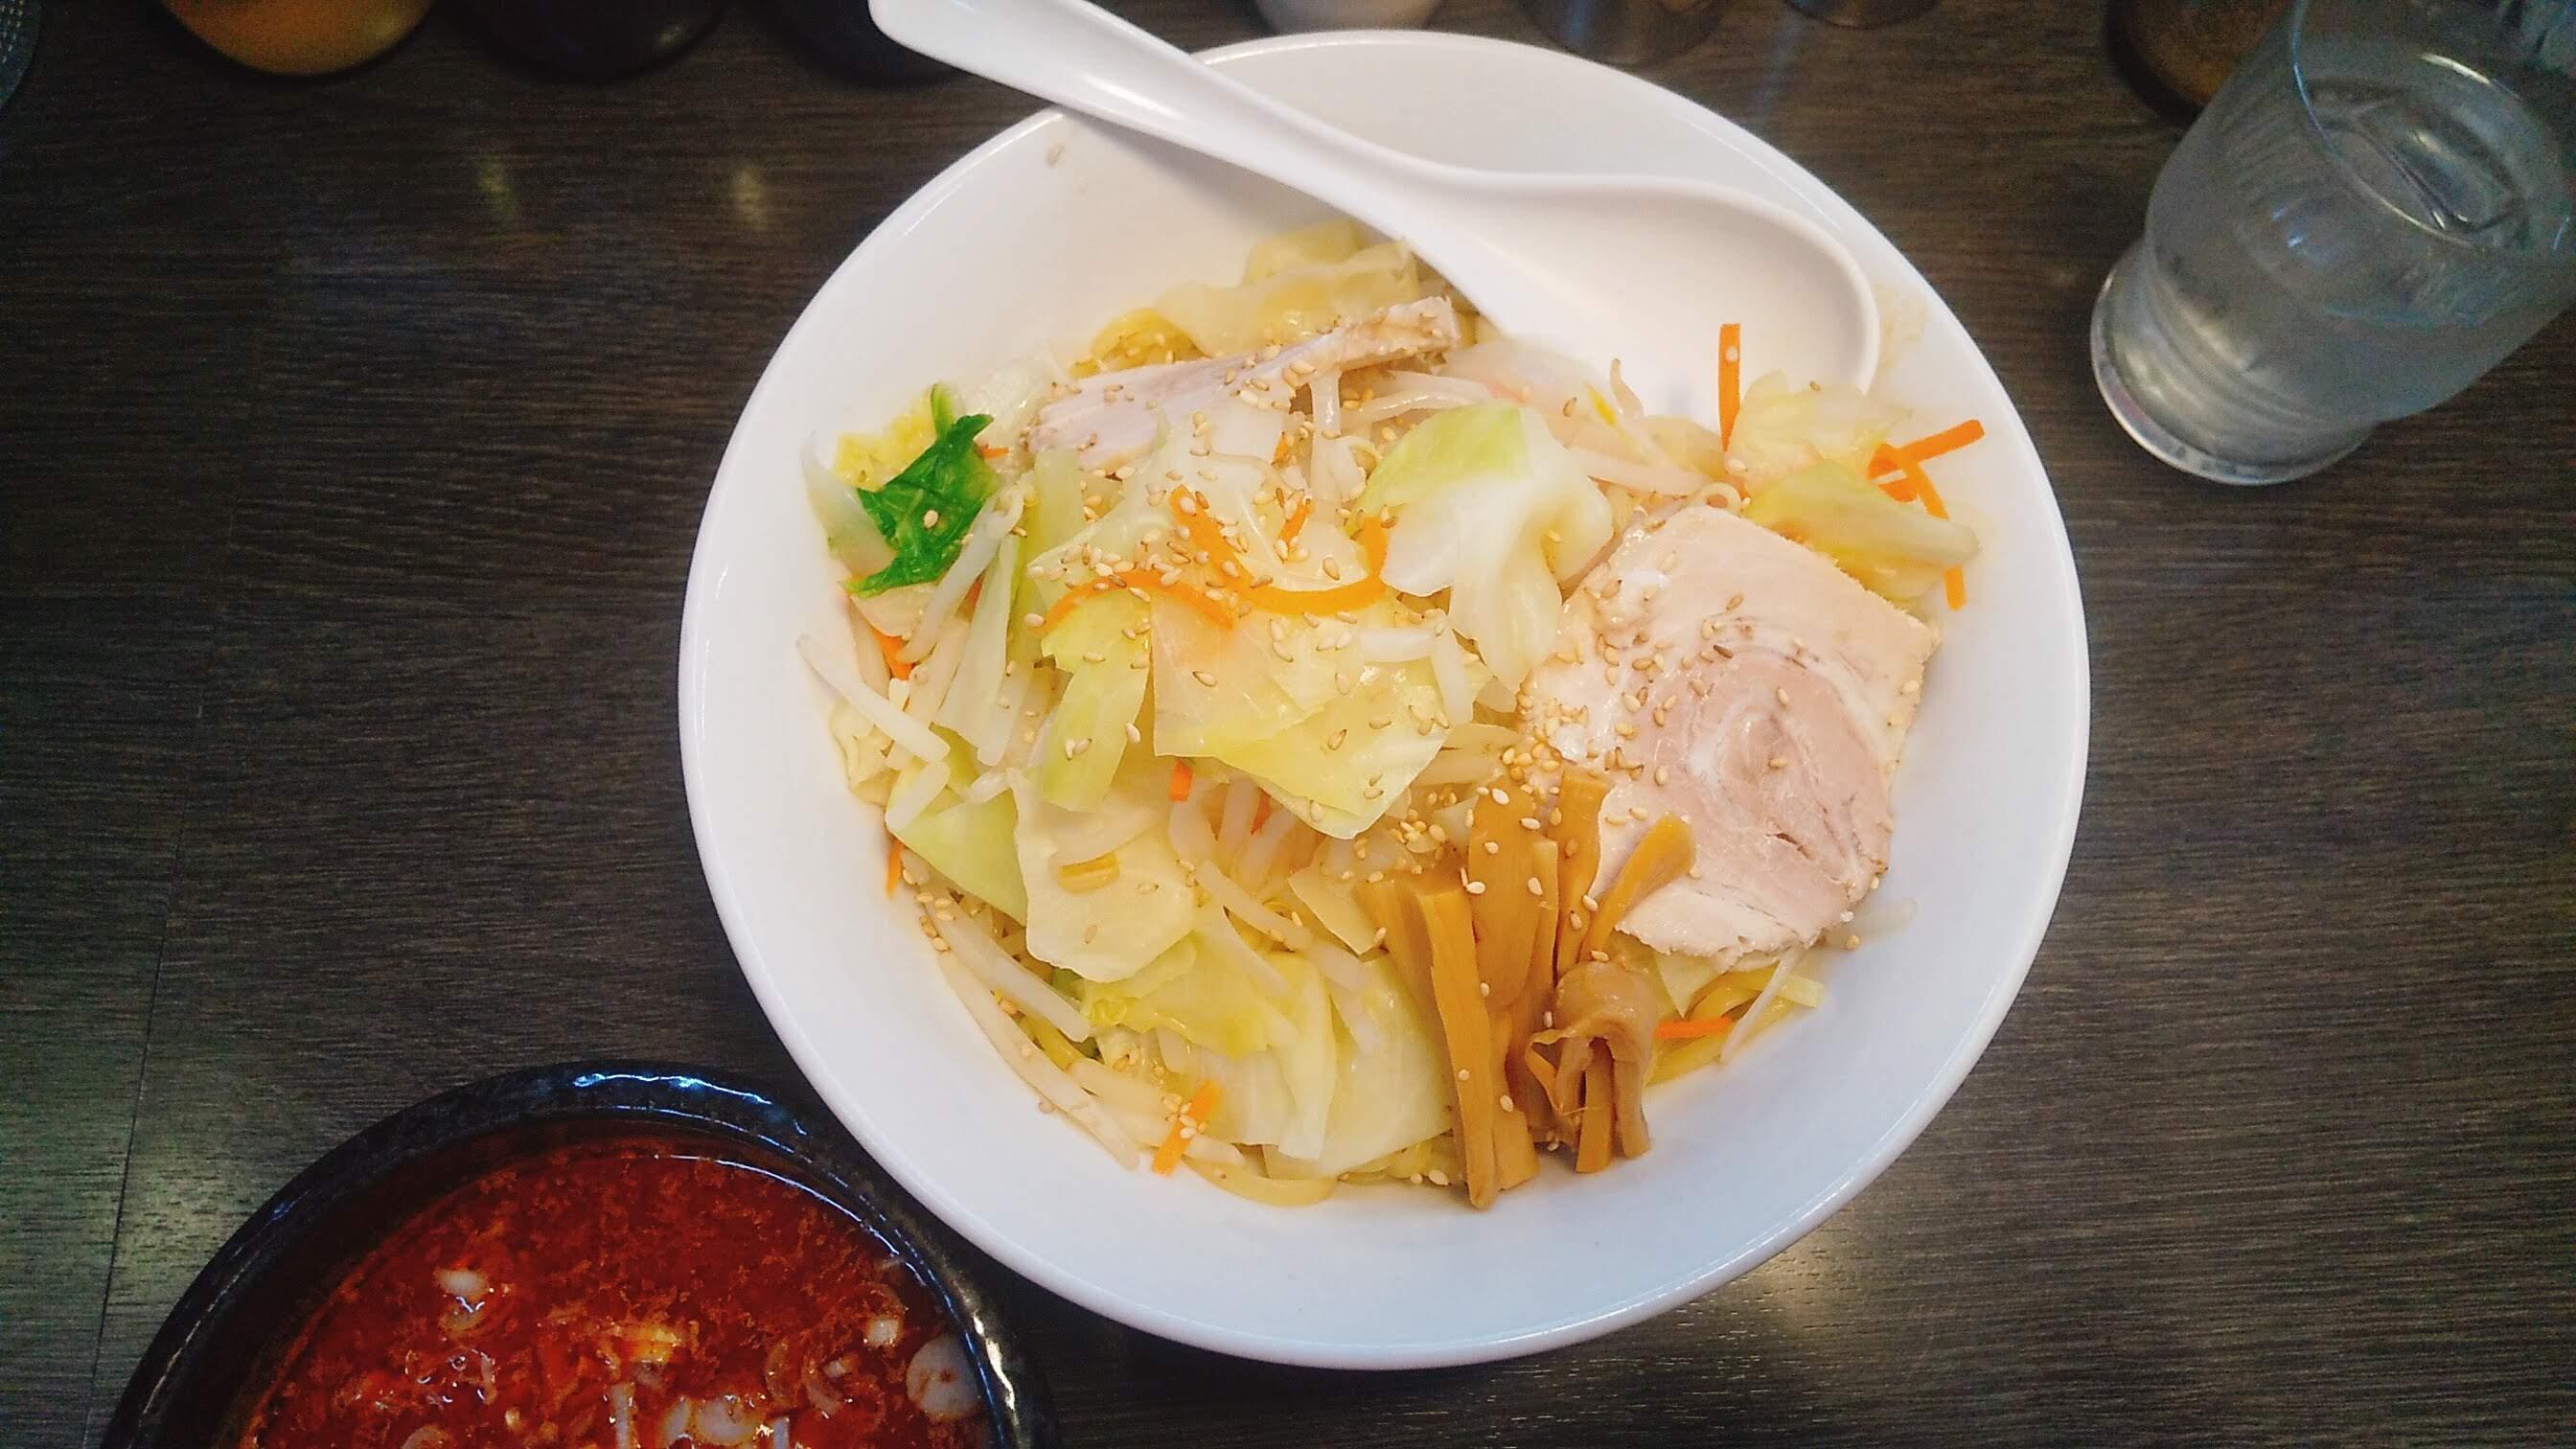 味噌一の激辛つけ麺の麺皿の写真